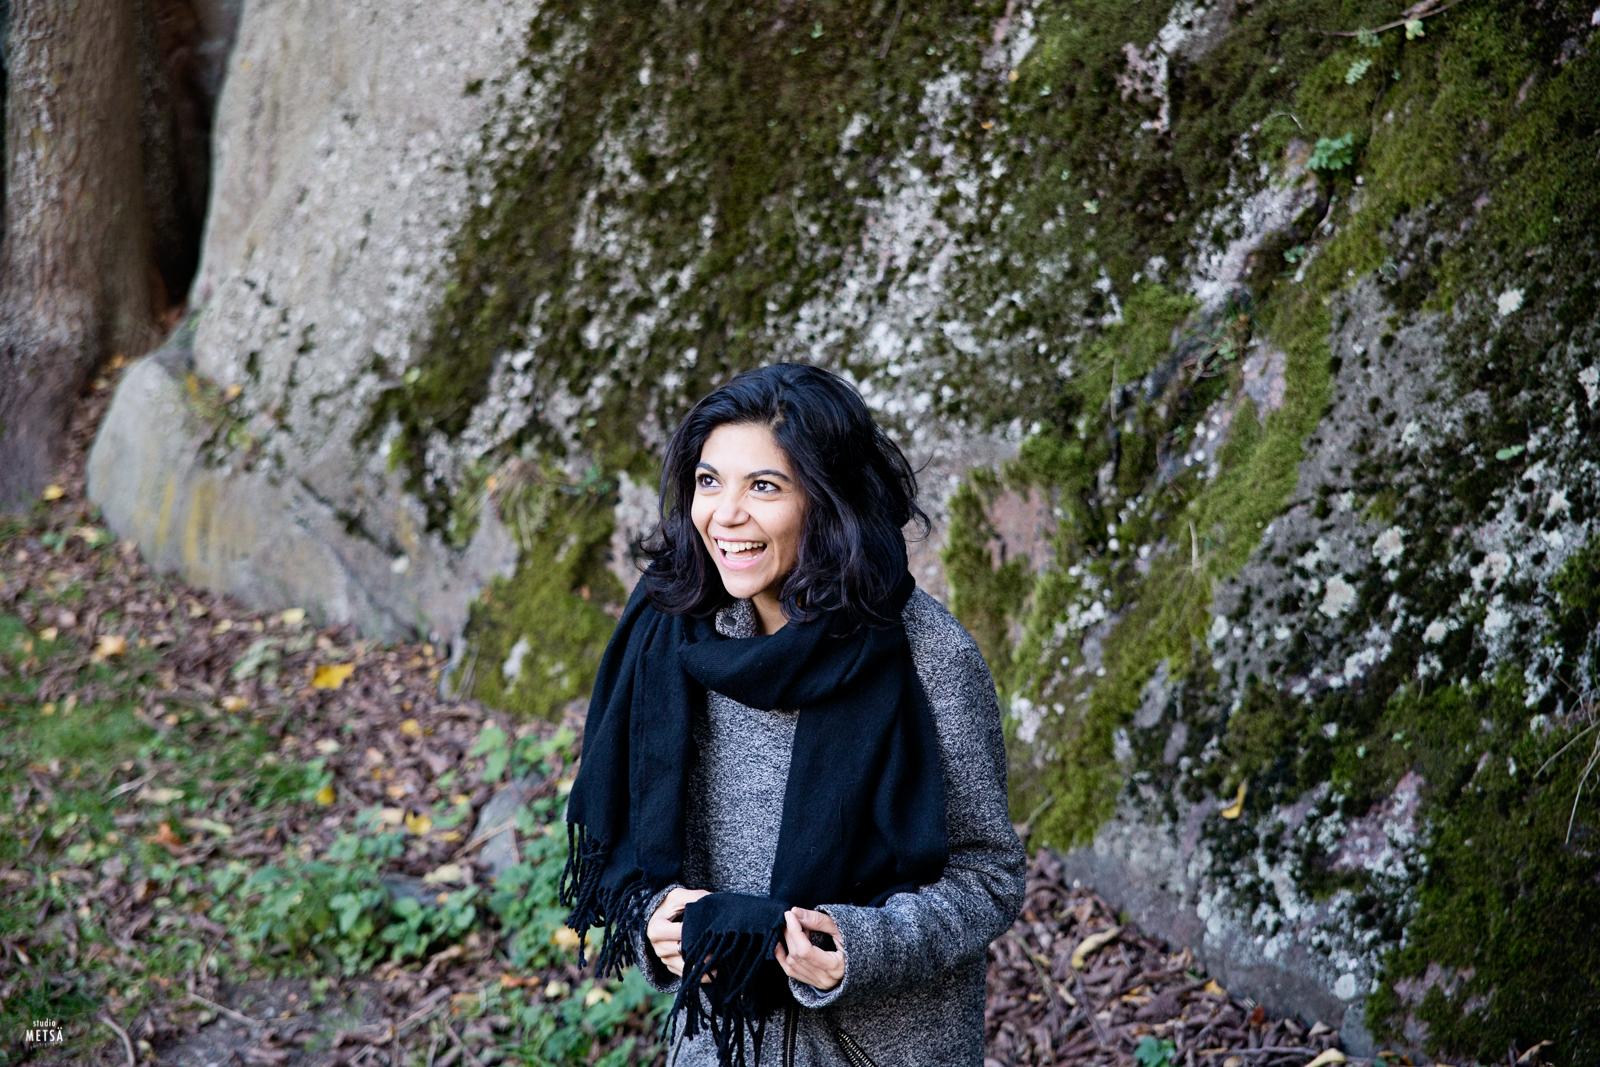 Kerro, kerro kuvastin, ken on maassa kaunehin? Studio Metsä Photography